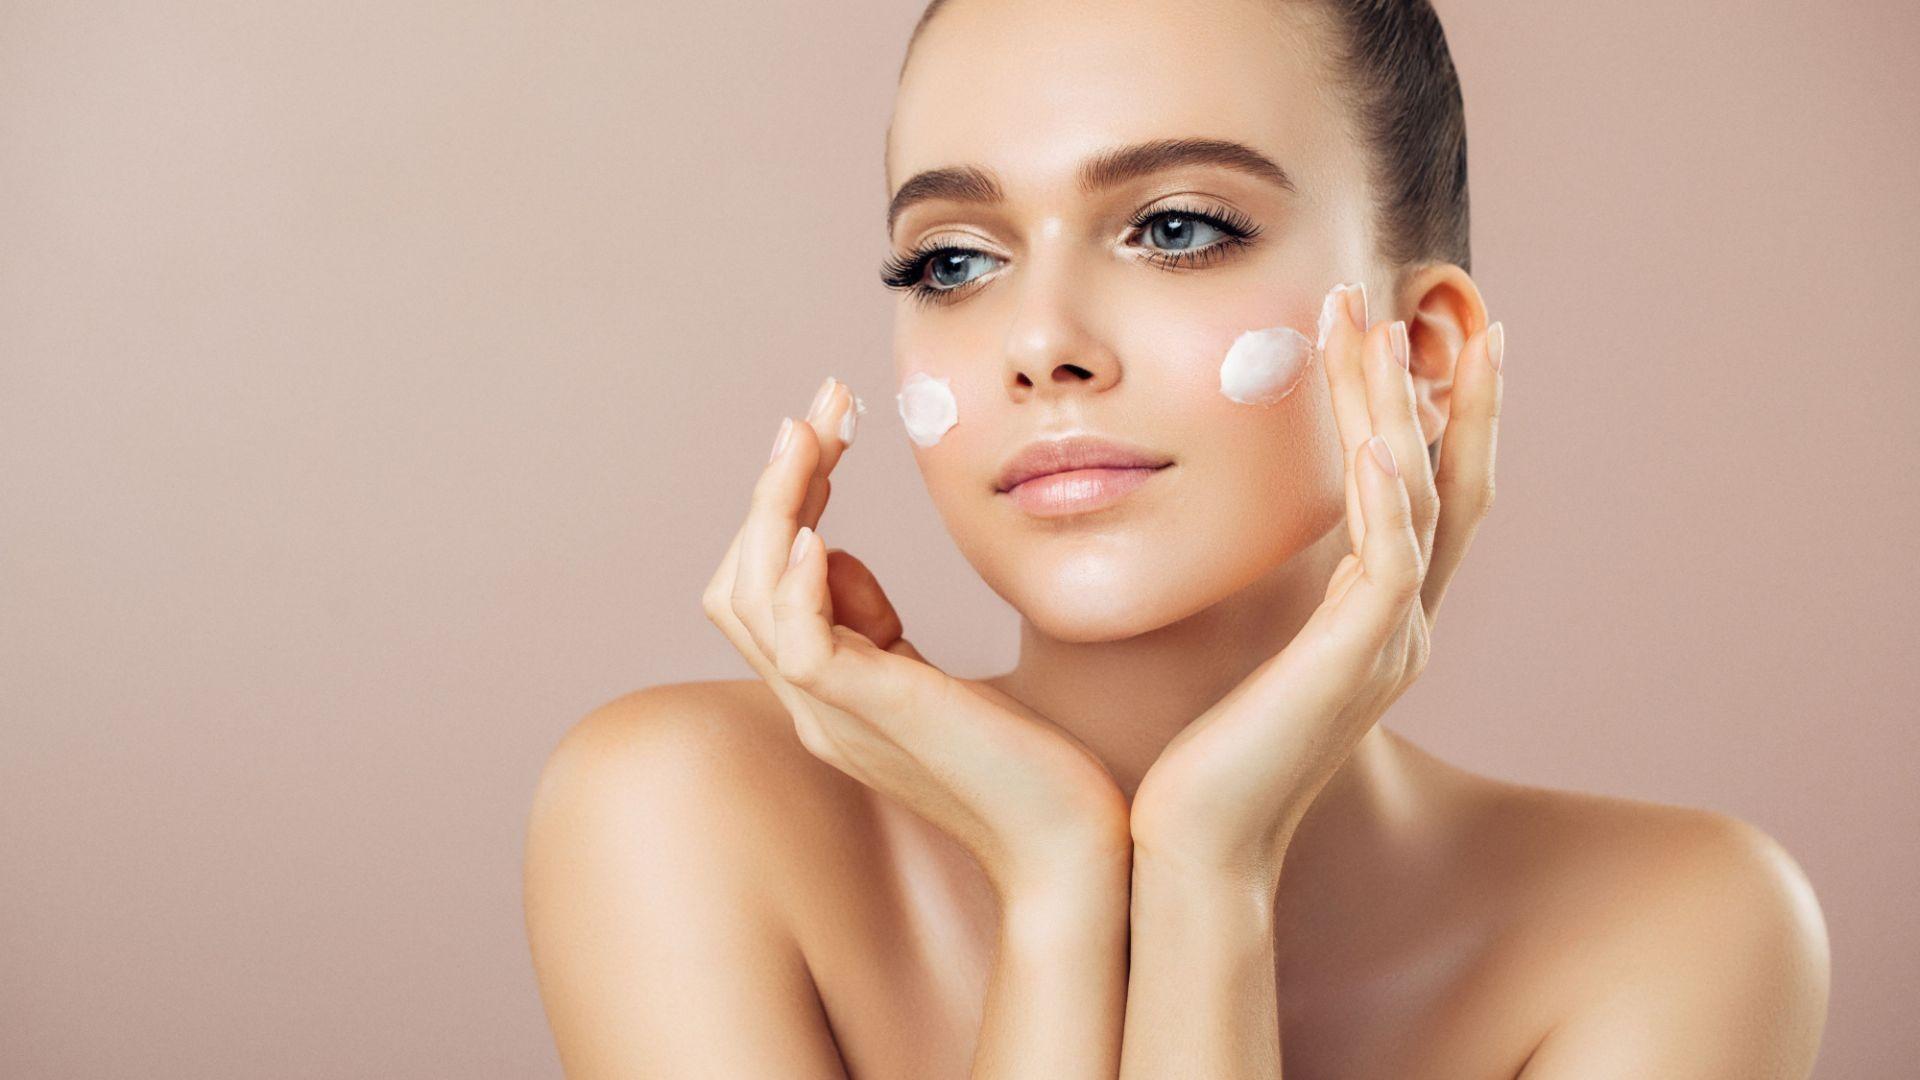 Estética facial y corporal en Getxo